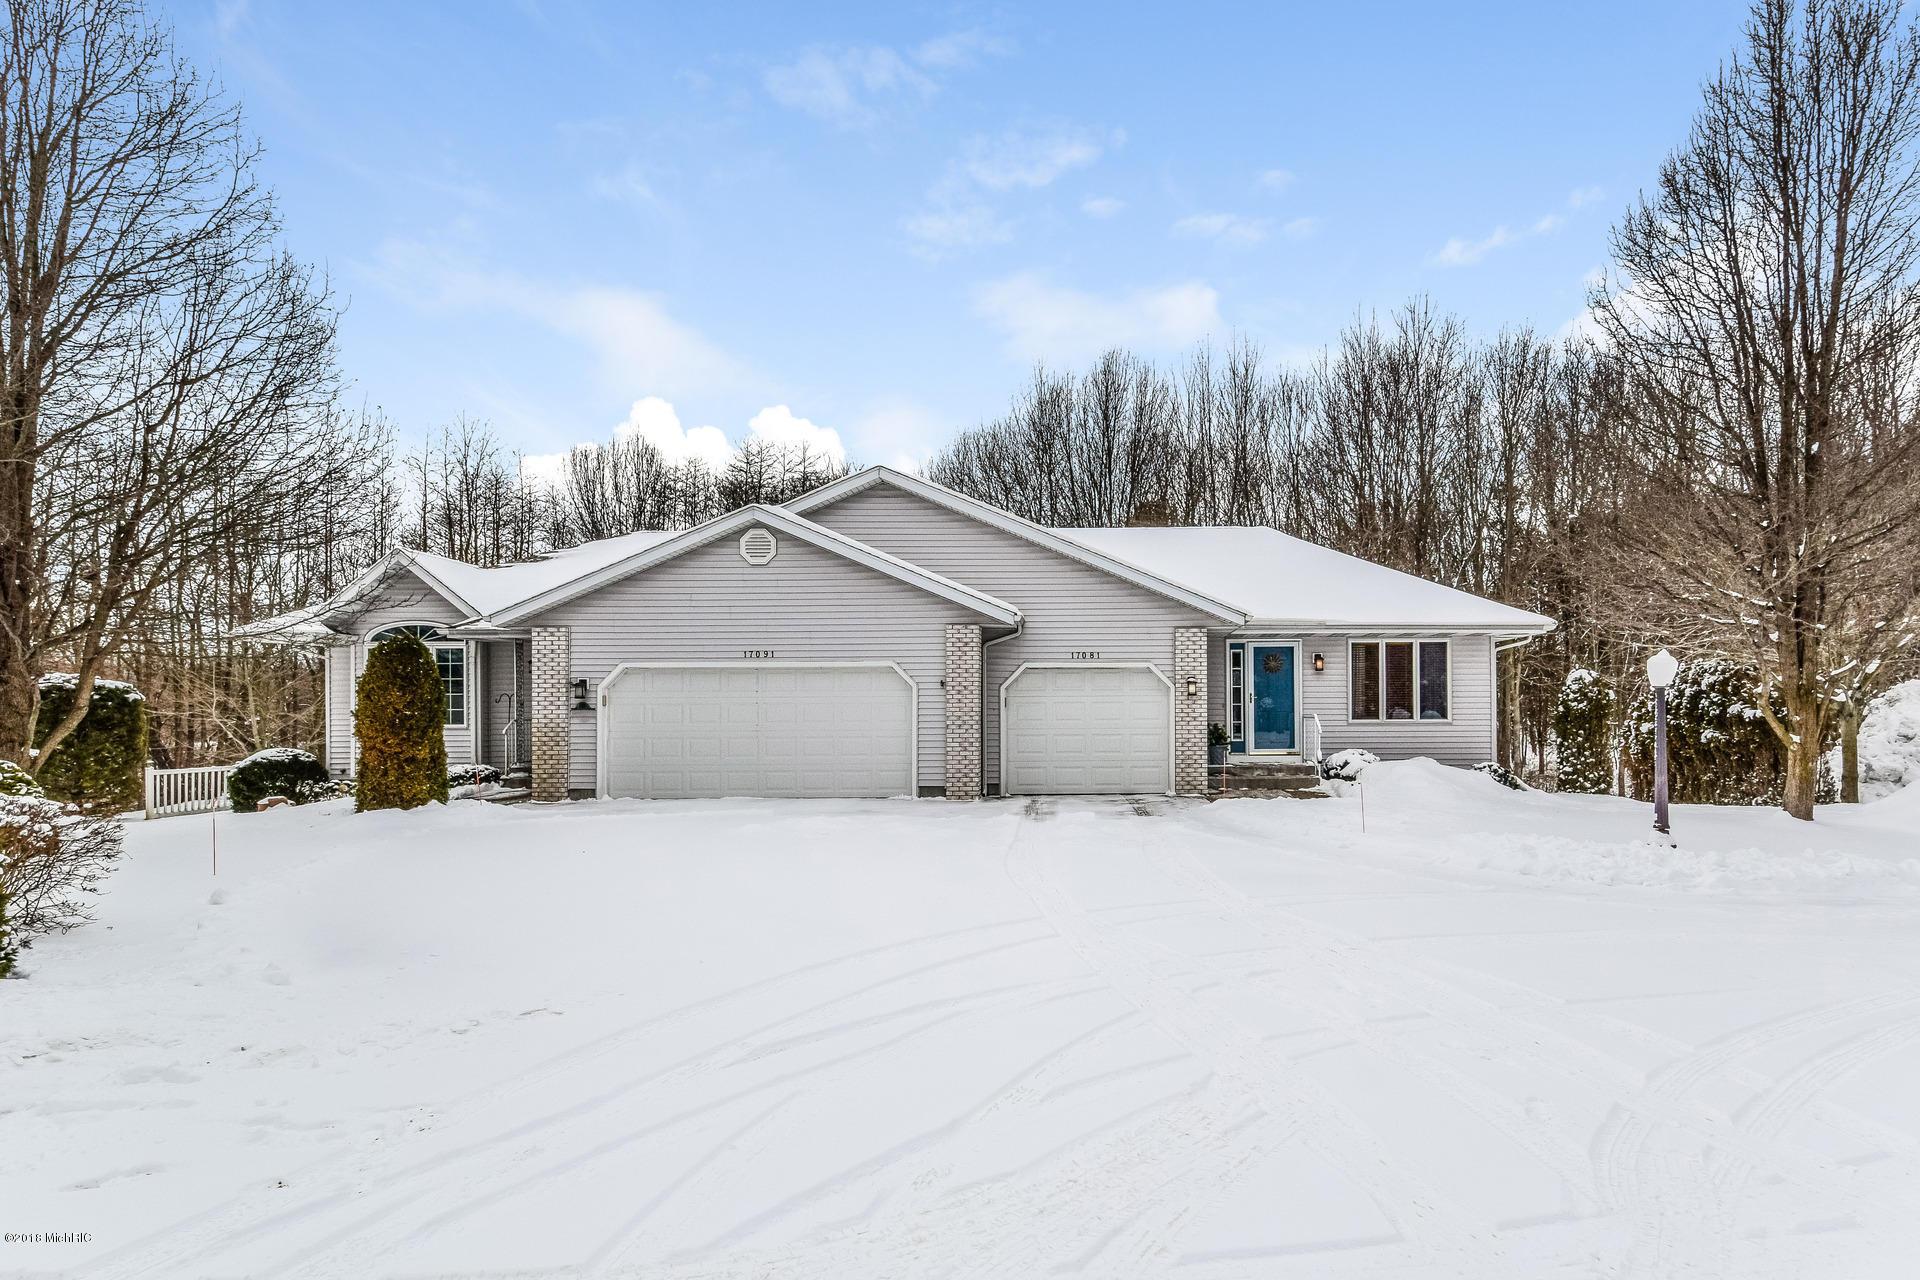 独户住宅 为 销售 在 17081 Grandview 17081 Grandview 斯普林莱克, 密歇根州 49456 美国